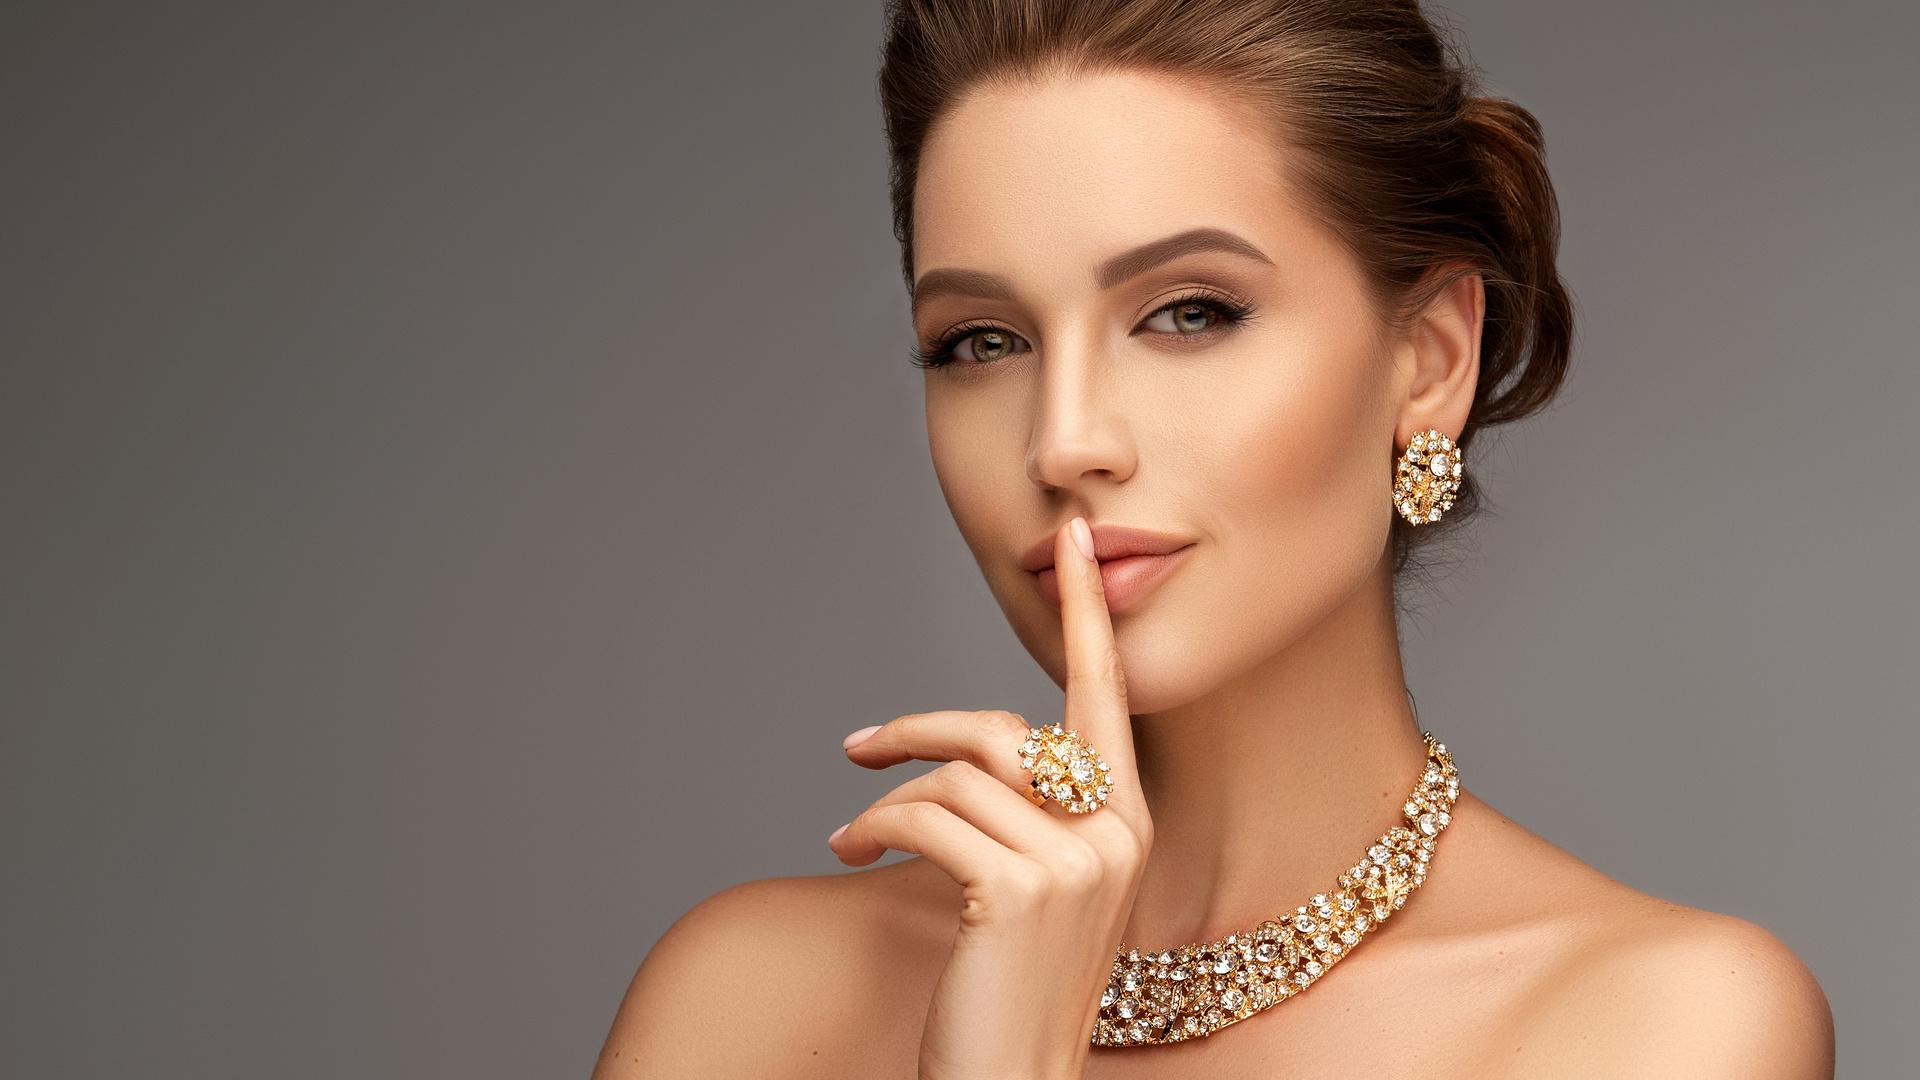 украшения, девушка, жест, взгляд, кольцо, лицо, причёска, серьги